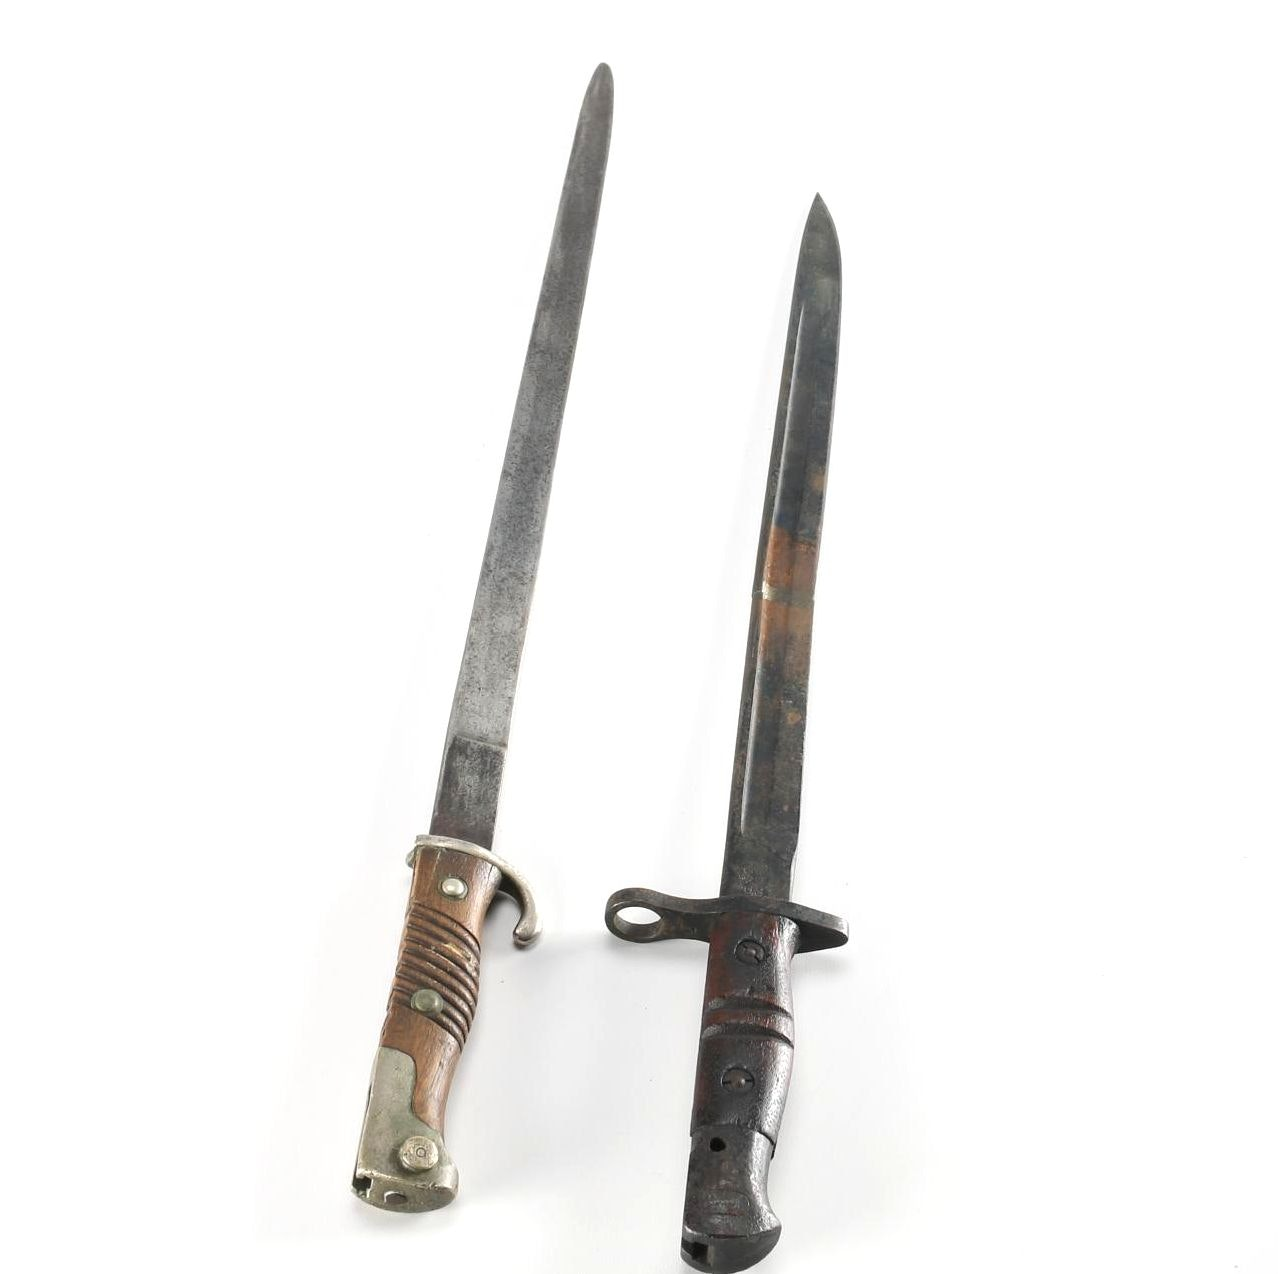 German and American Bayonets